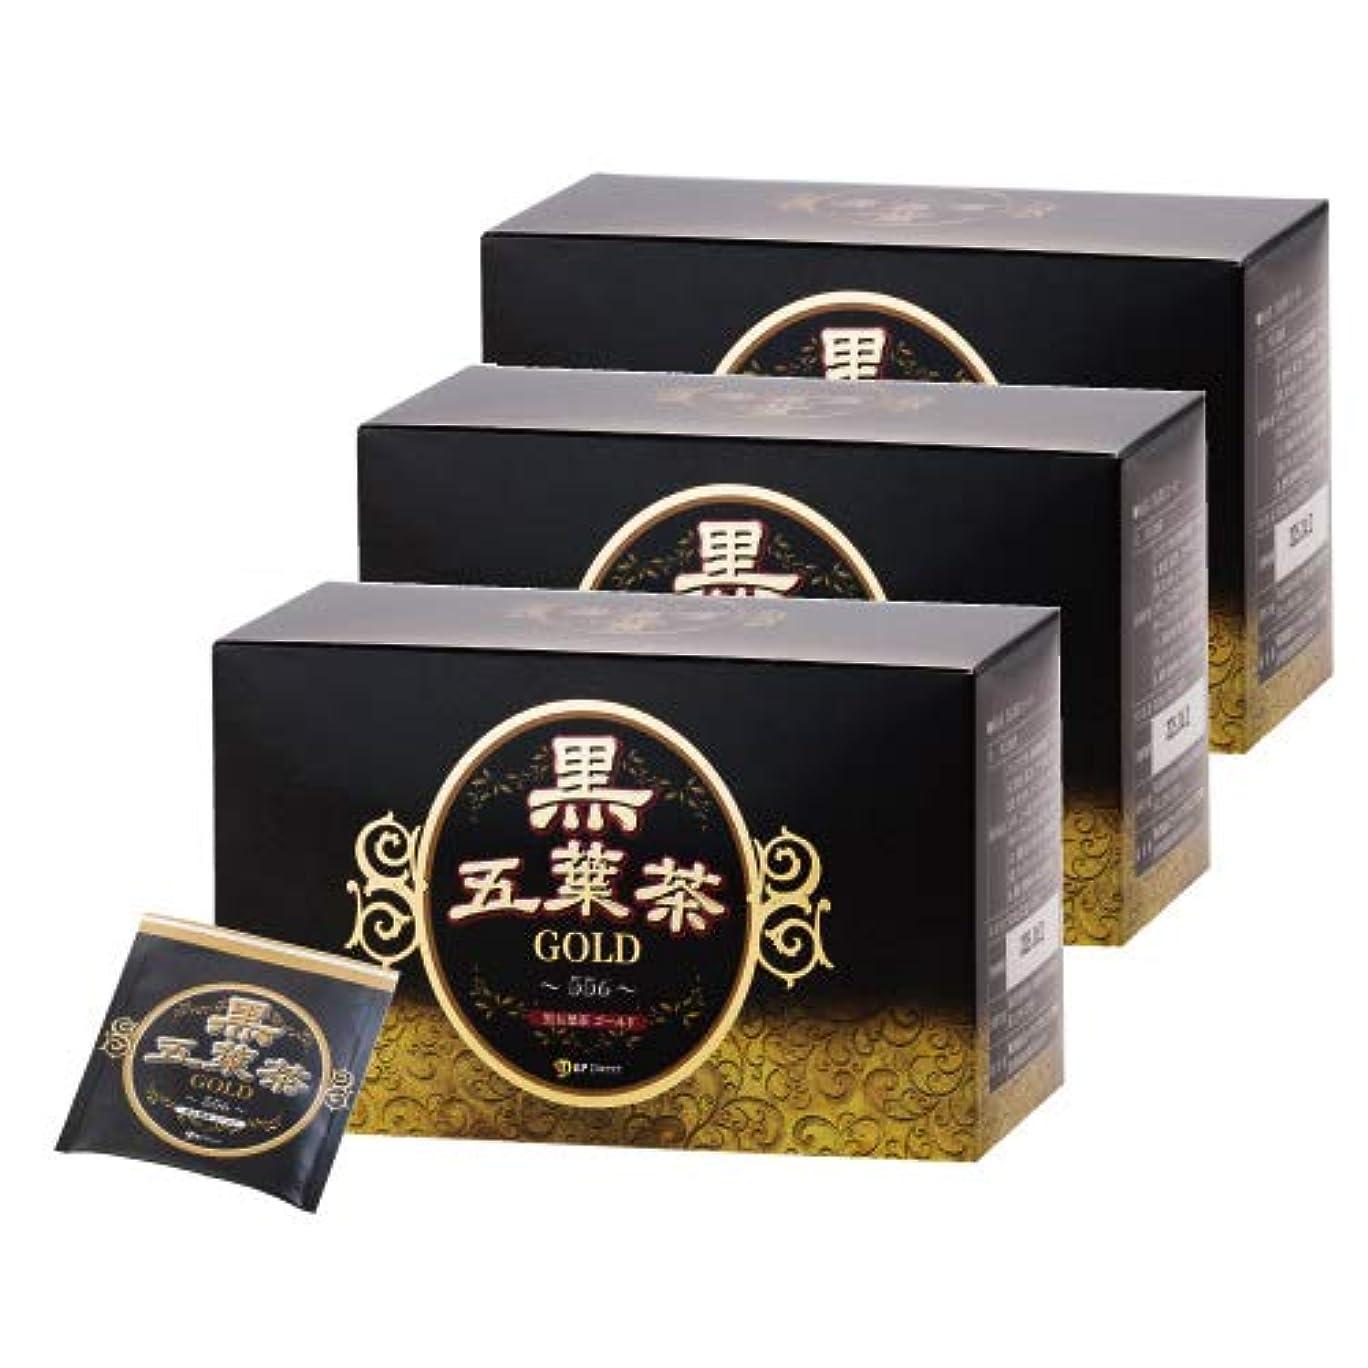 盲目治す効能ある黒五葉茶ゴールド 30包 3箱セット ダイエット ダイエット茶 ダイエットティー ハーブティー 難消化性デキストリン